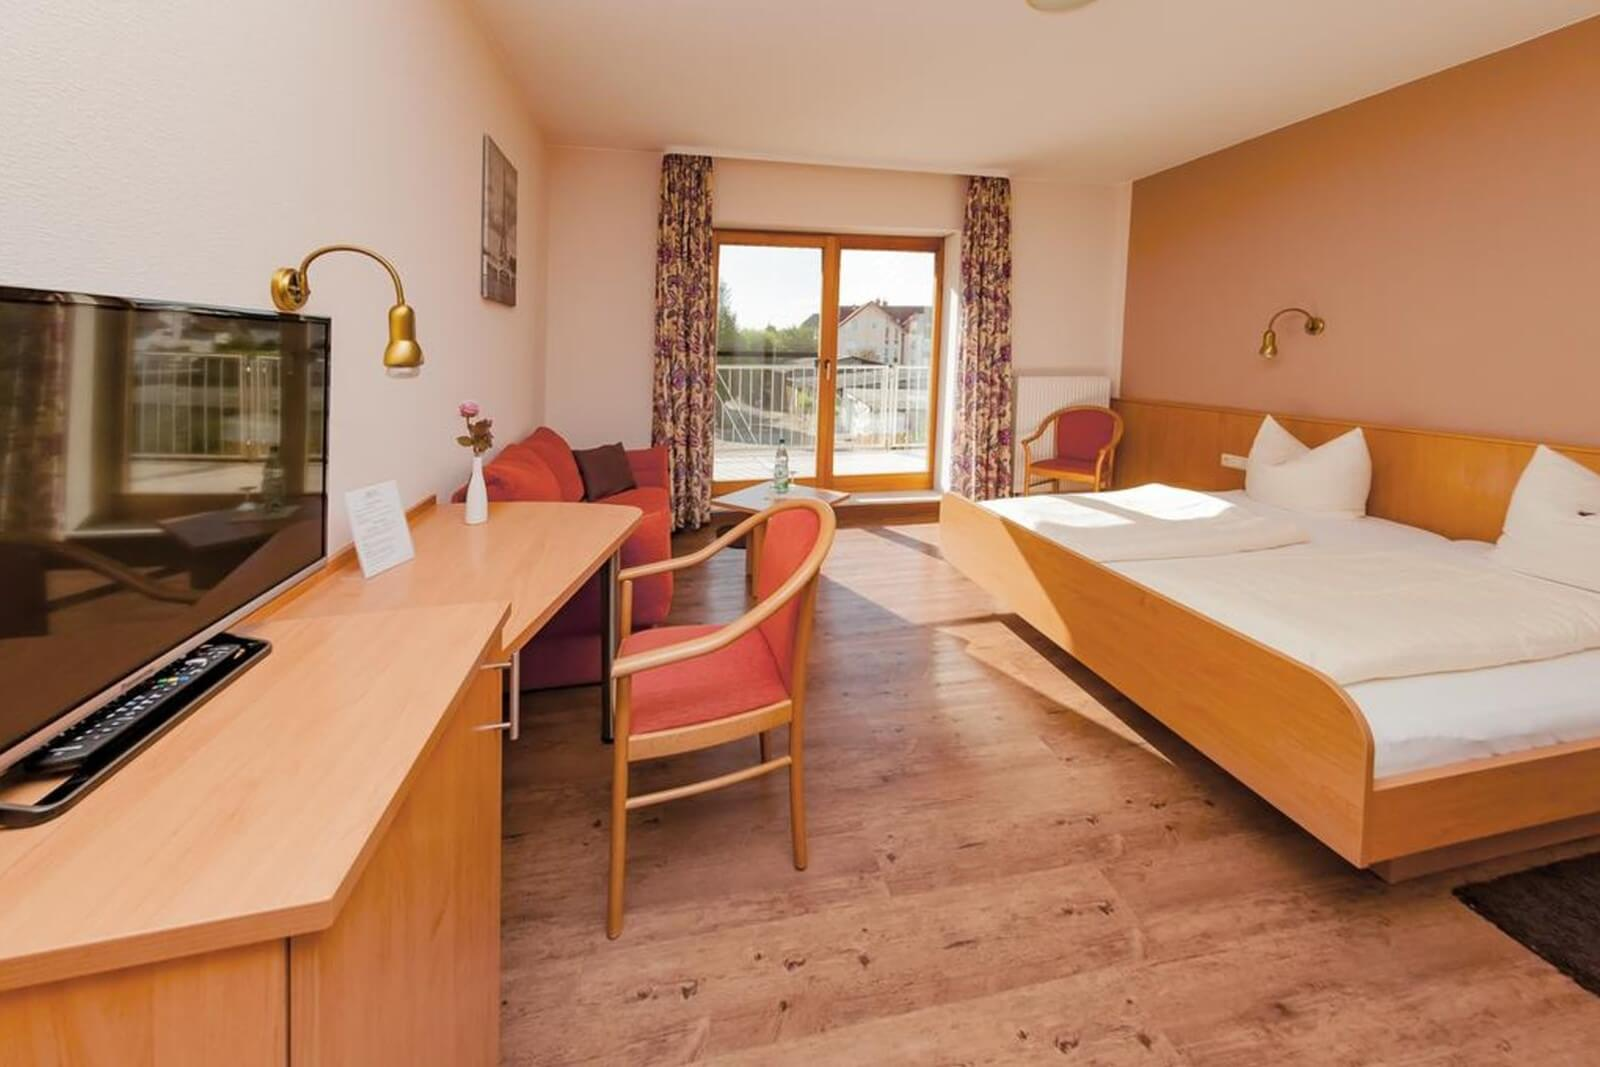 doppelzimmer-komfort-hotel-pension-bett-fruehstueck-riedstadt